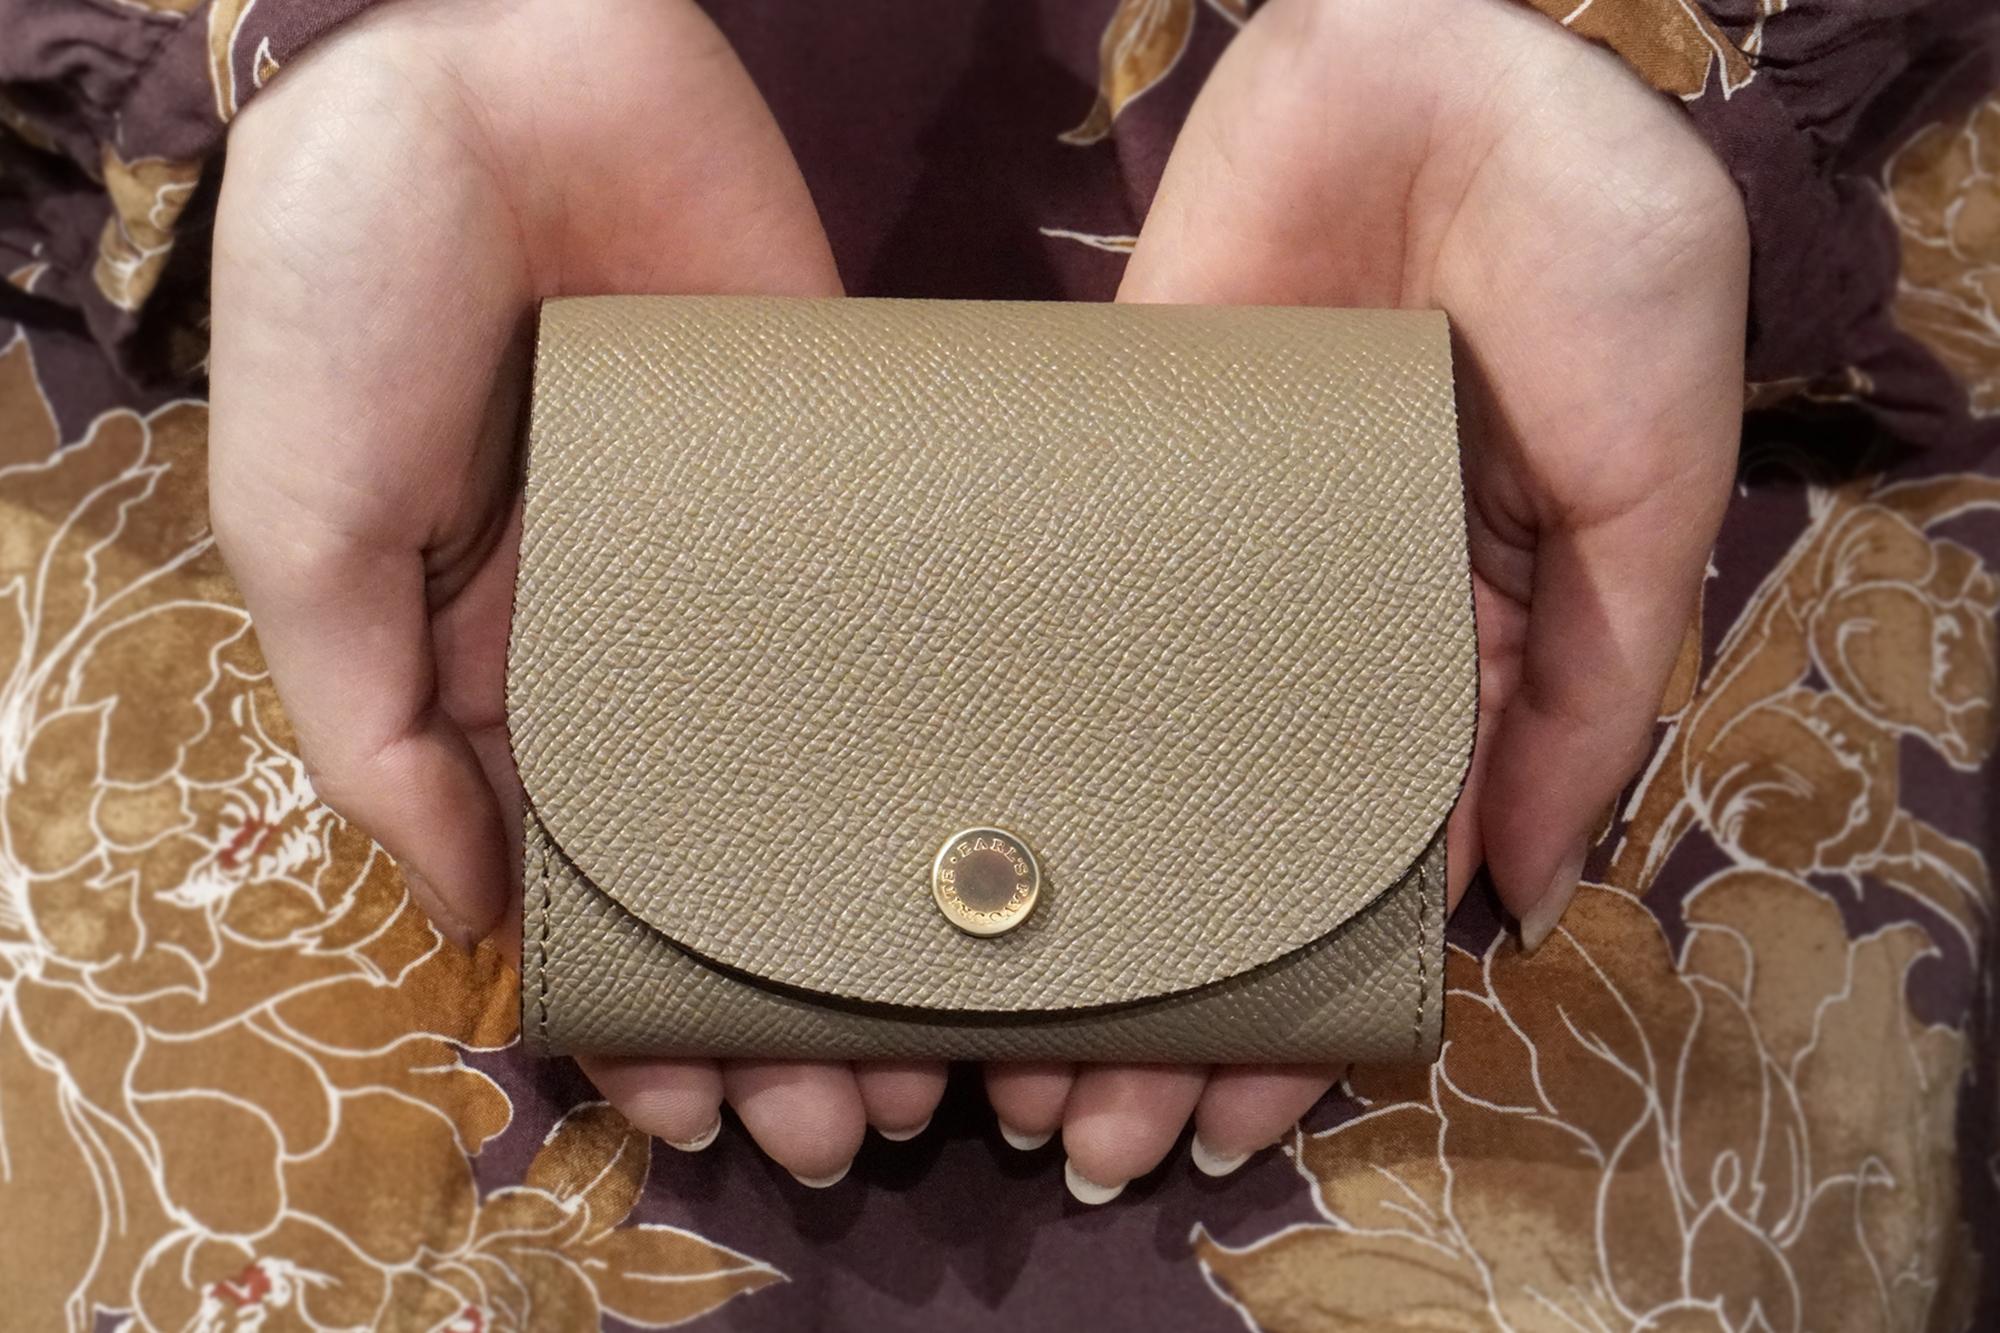 【限定色】身軽にキメたい時のコンパクト財布|ぷっくり型パーティーレザー・グレージュ(本革製)